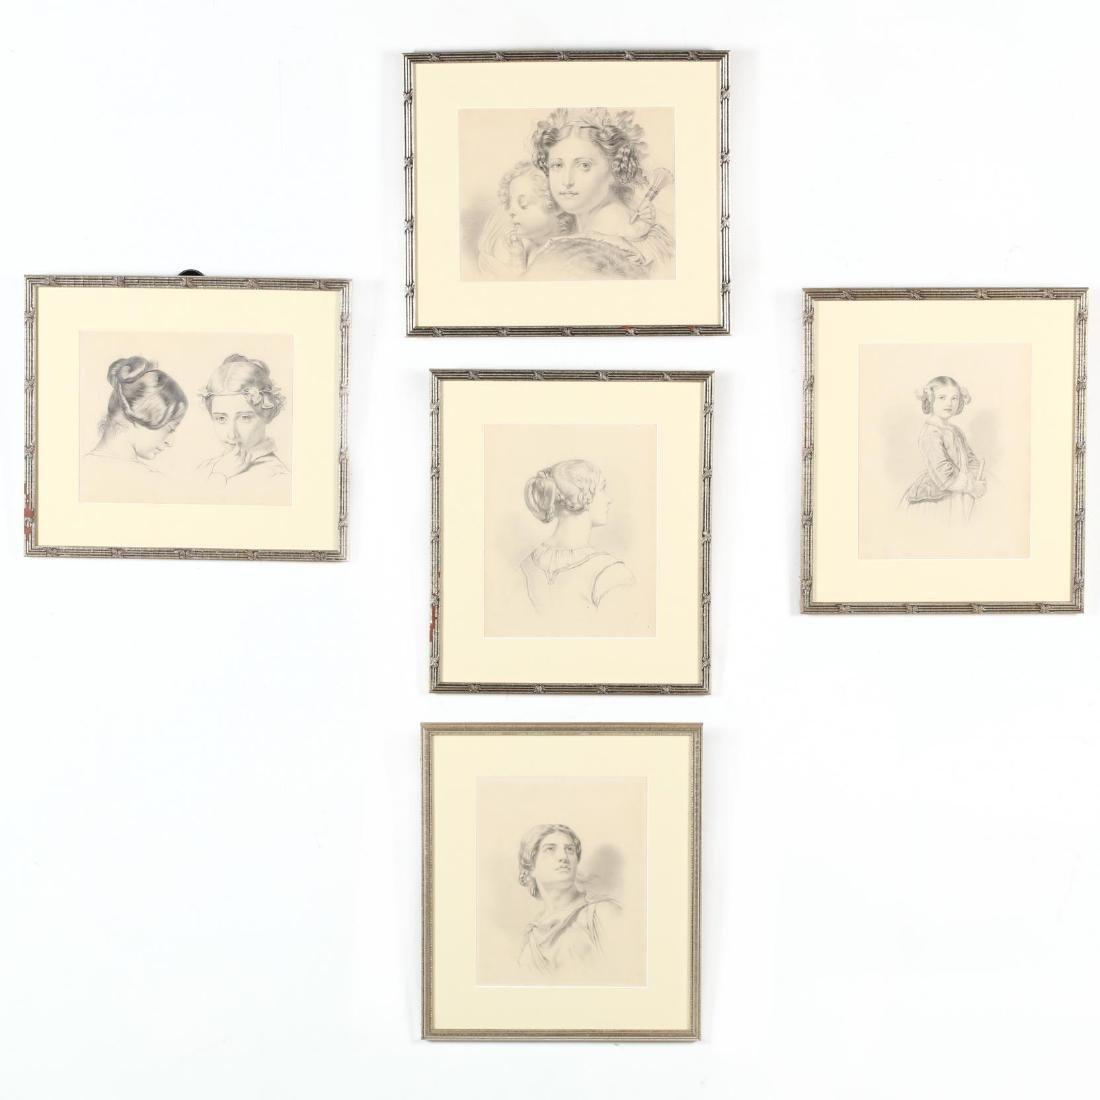 Peter Calvi, Jr. (NY, 1860-1926), Five Sketches of